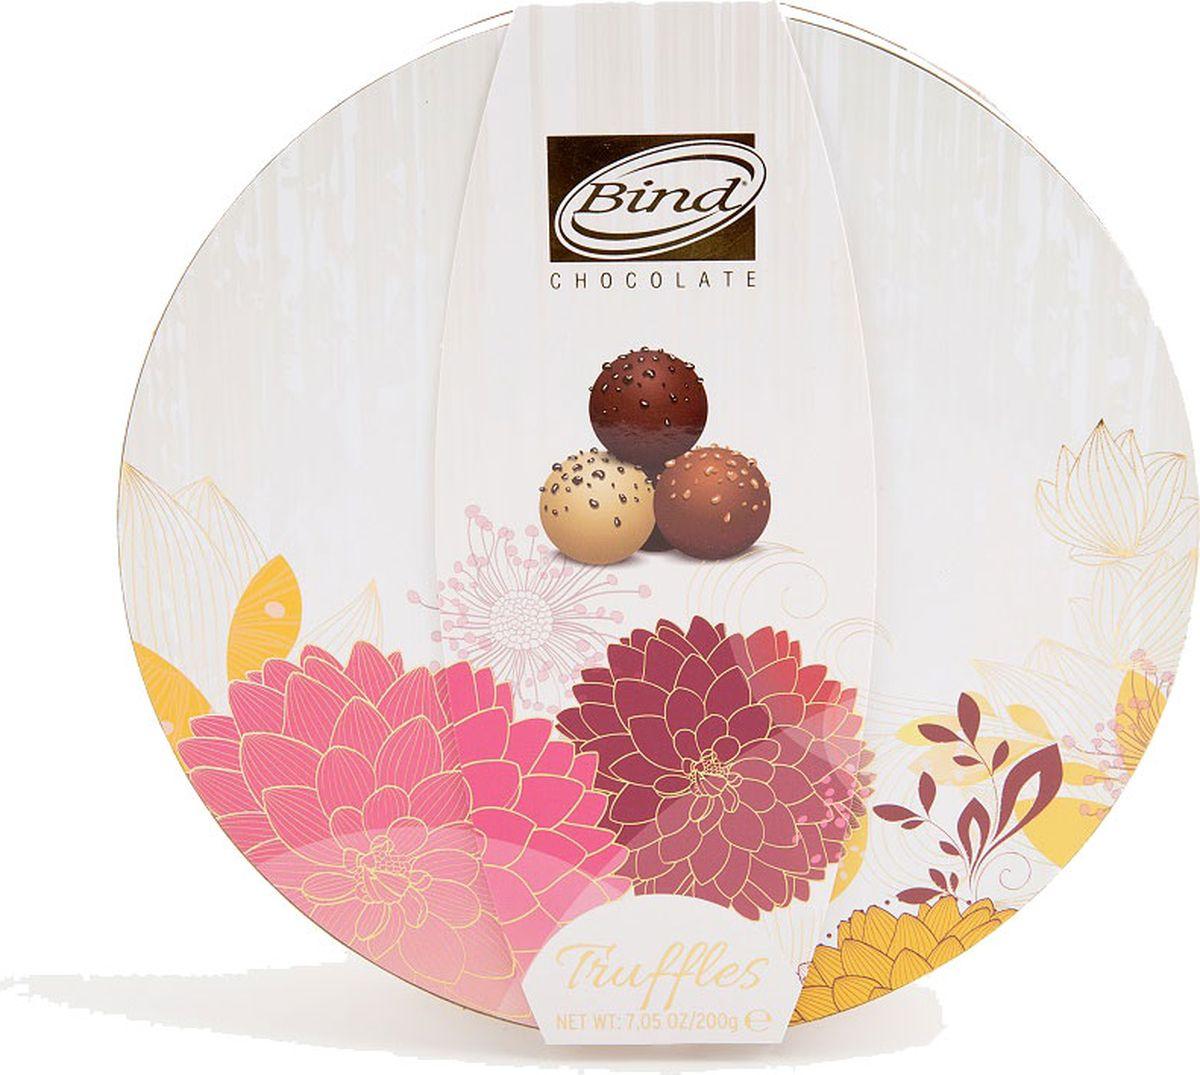 Bind Трюфель набор шоколадных конфет, 200 г набор шоколадных конфет the belgian 200 г